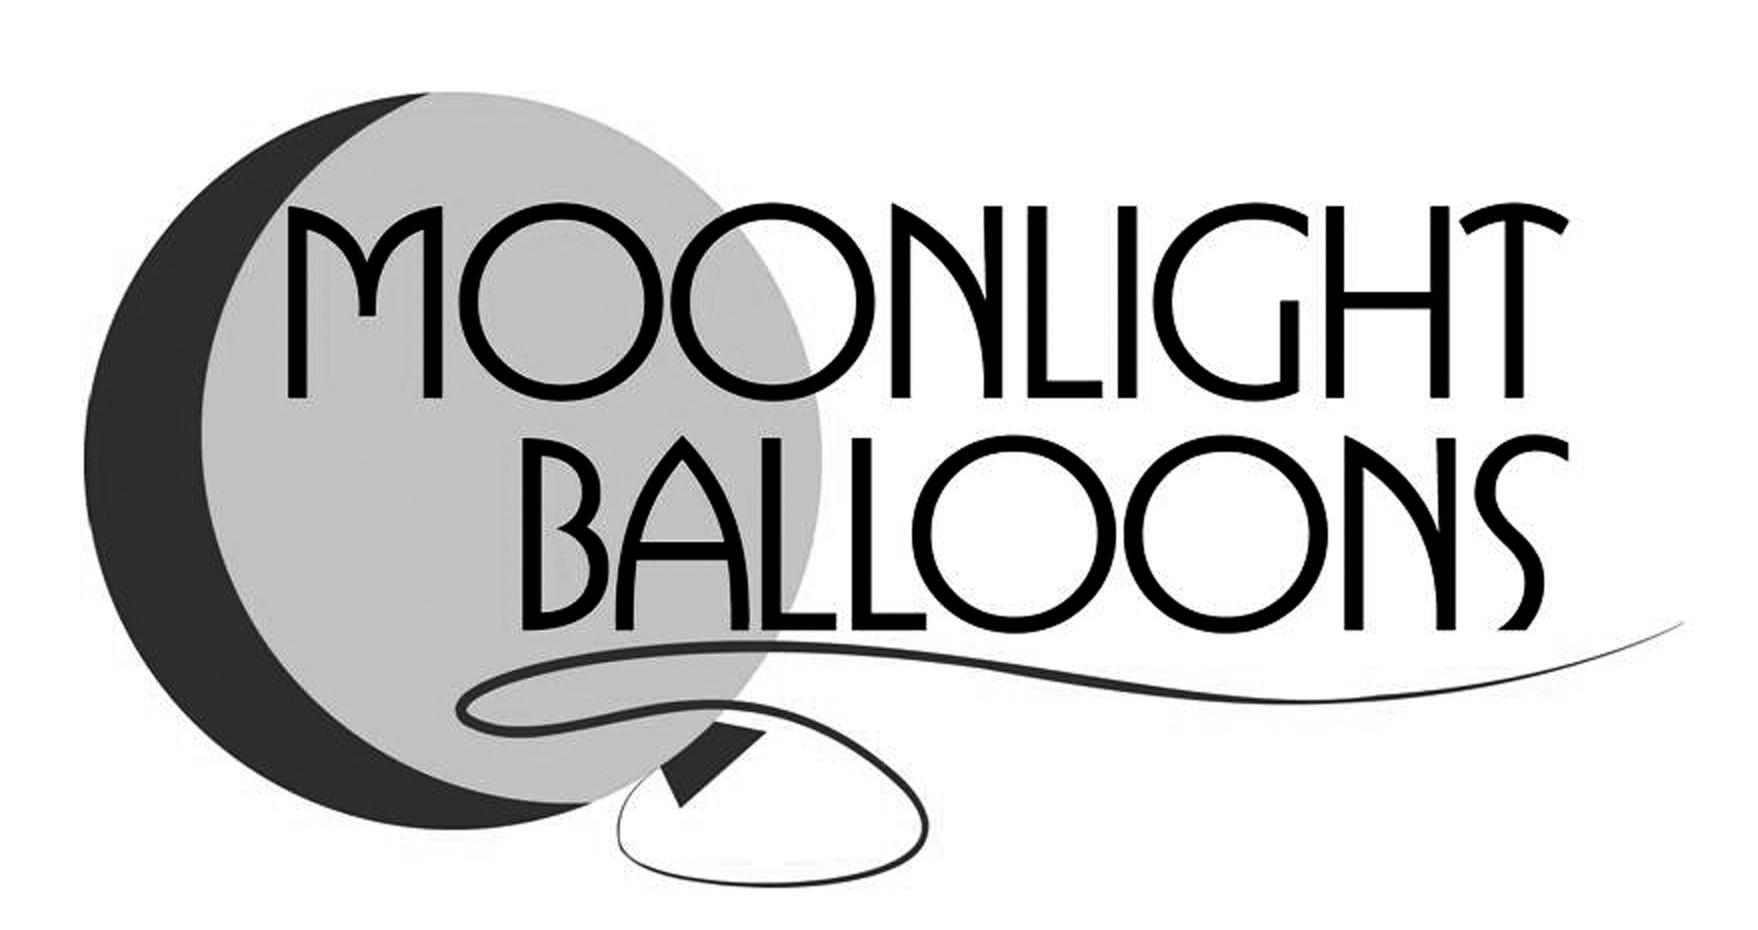 Moonlight Balloons.jpg